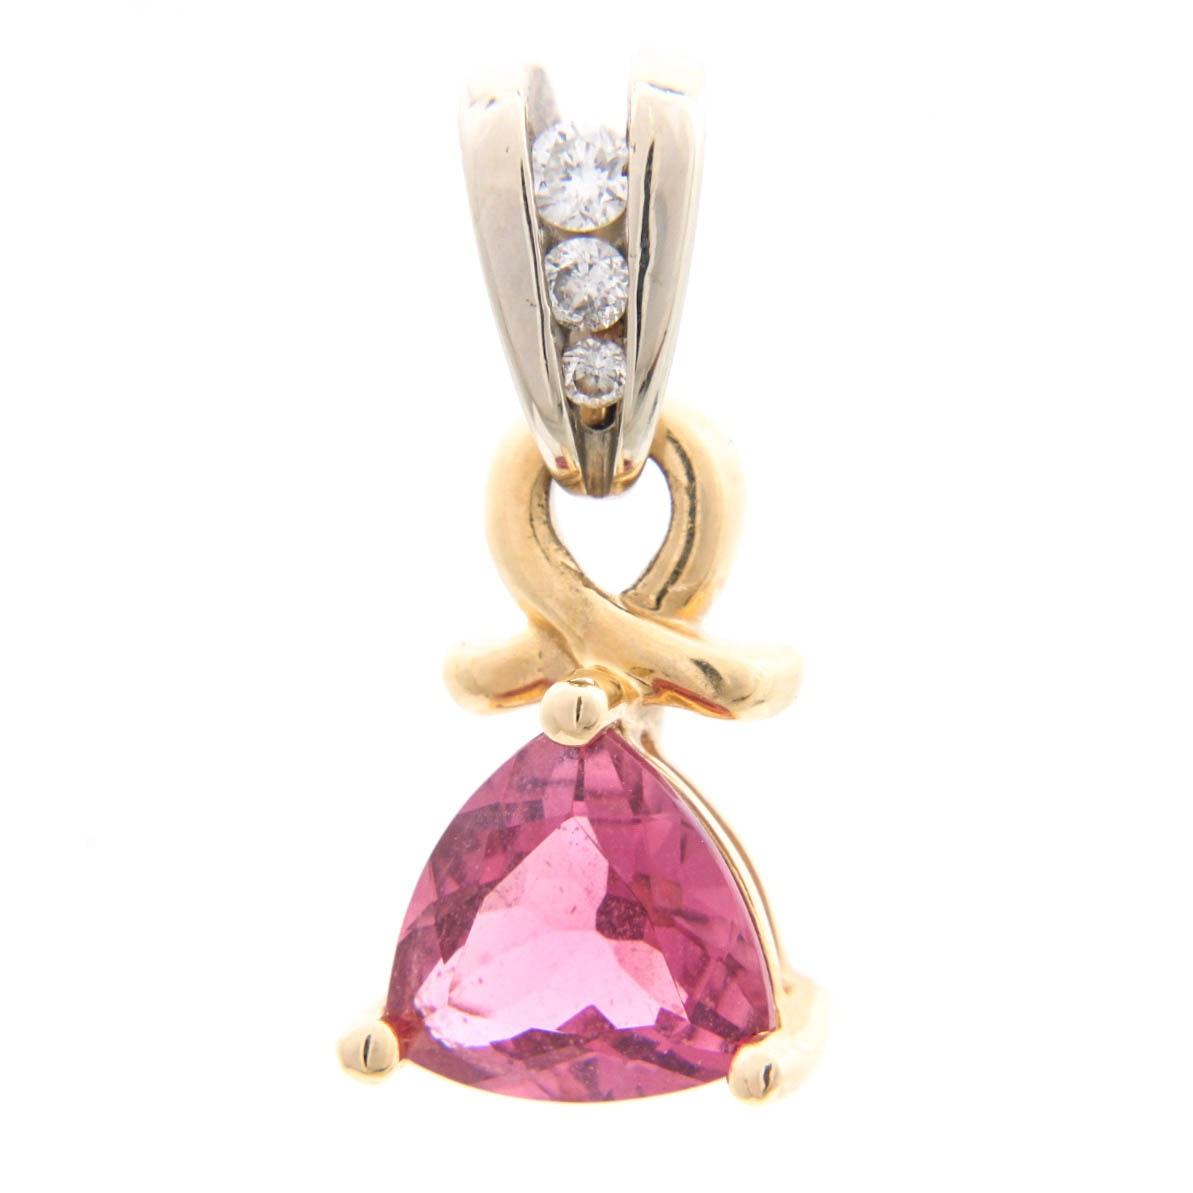 14K Gold Pink Tourmaline and Diamond Pendant